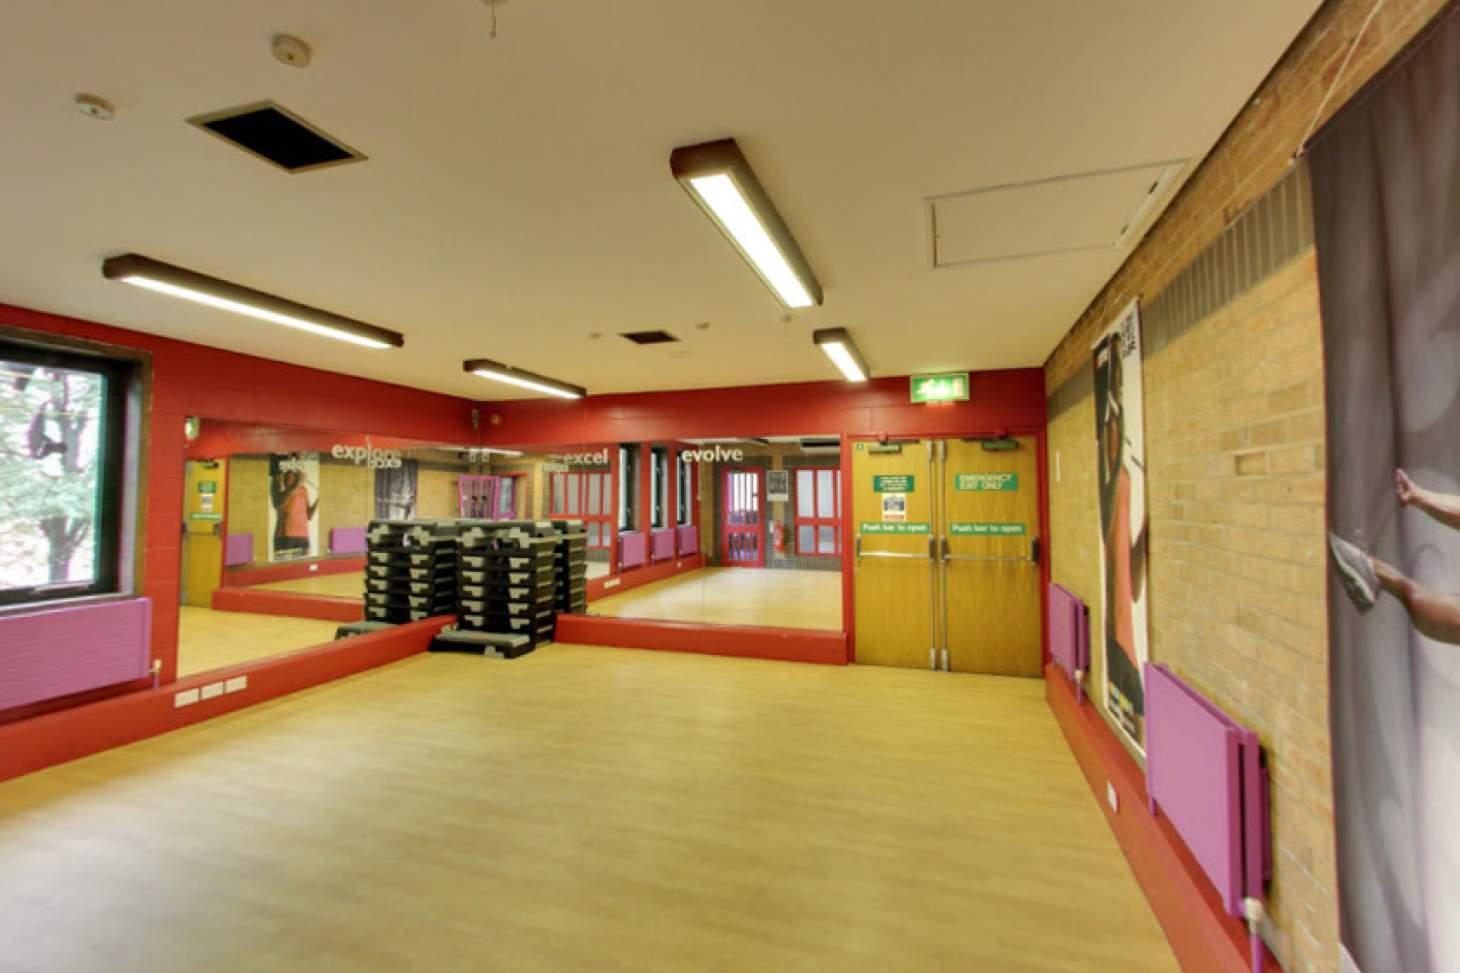 Moulsecoomb Community Leisure Centre Studio space hire